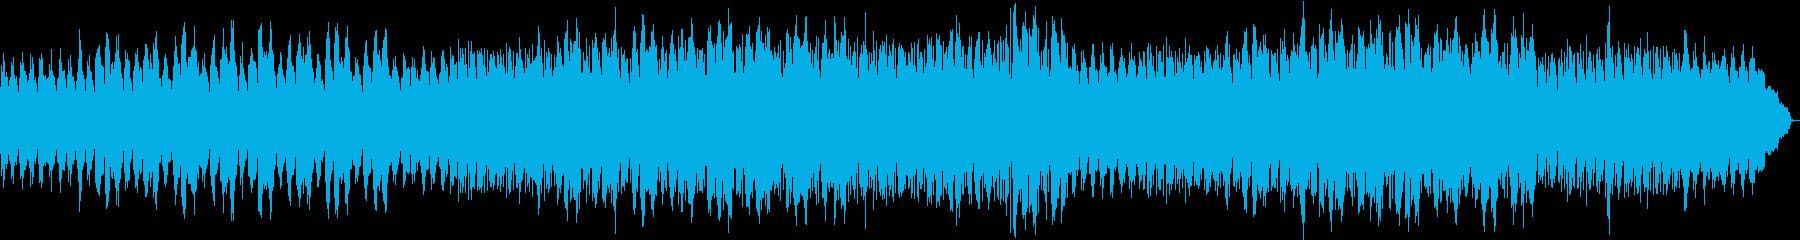 優しい温もりを感じられるエレクトロニカの再生済みの波形